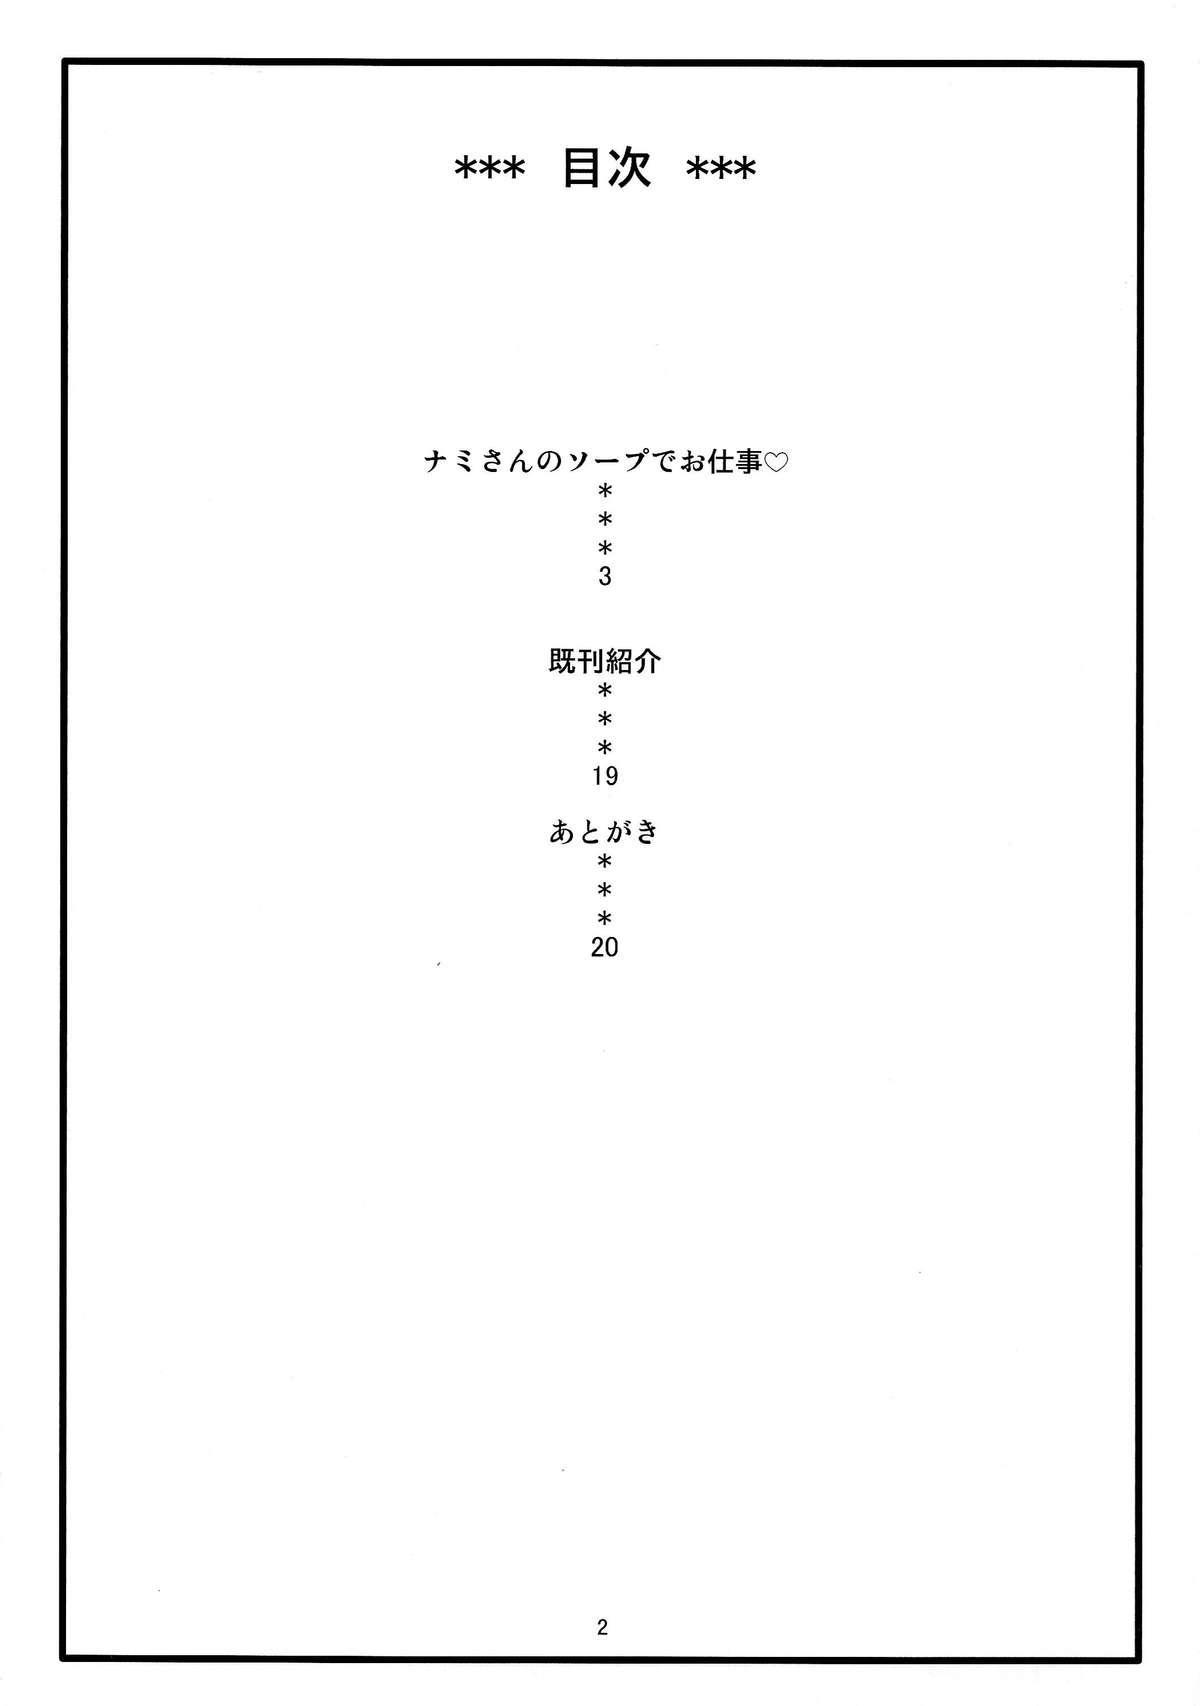 Nami no Ura Koukai Nisshi 8 | Nami's Backlog 8 2